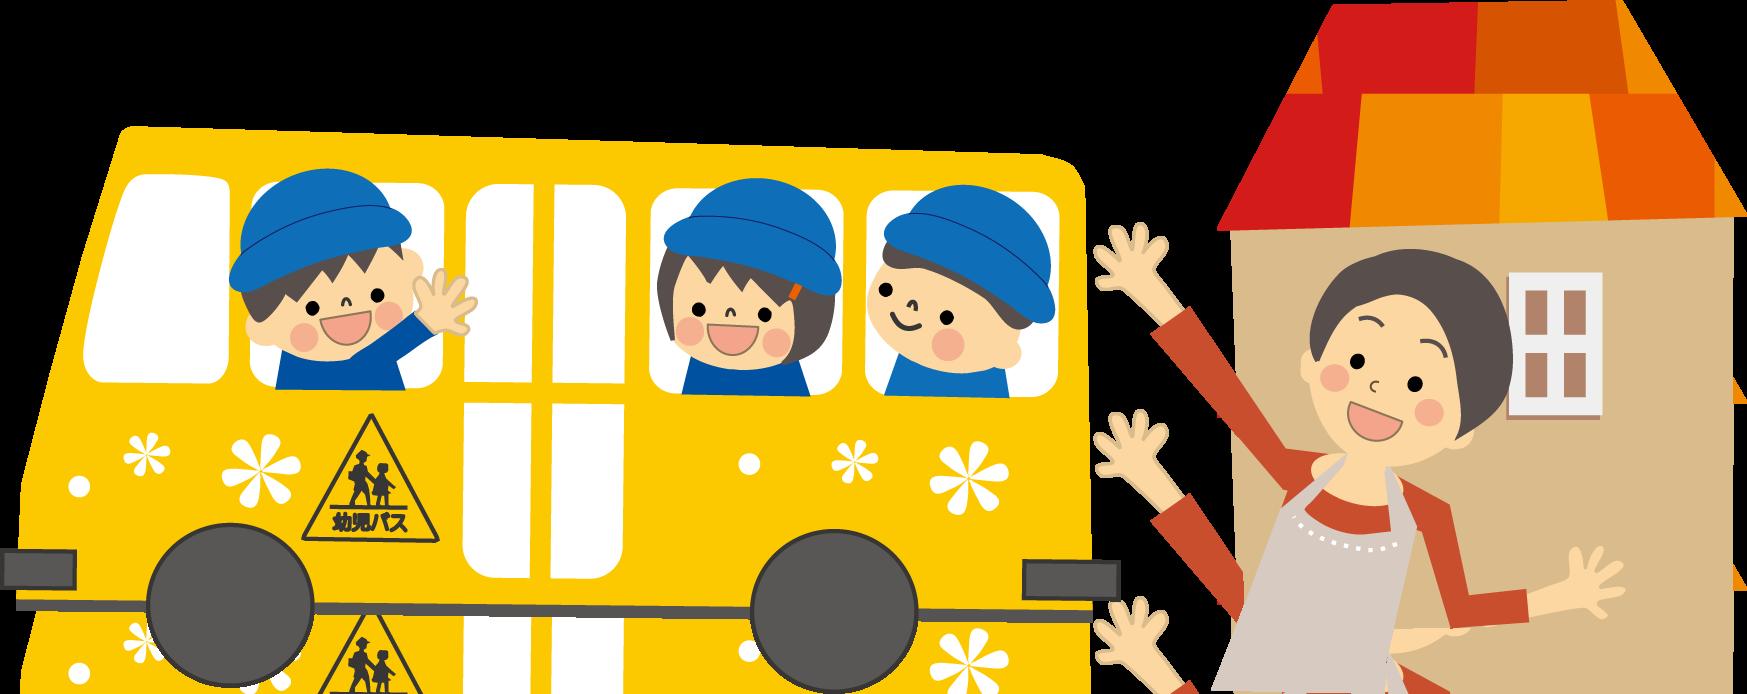 園バスのイラスト(無料イラスト)フリー素材